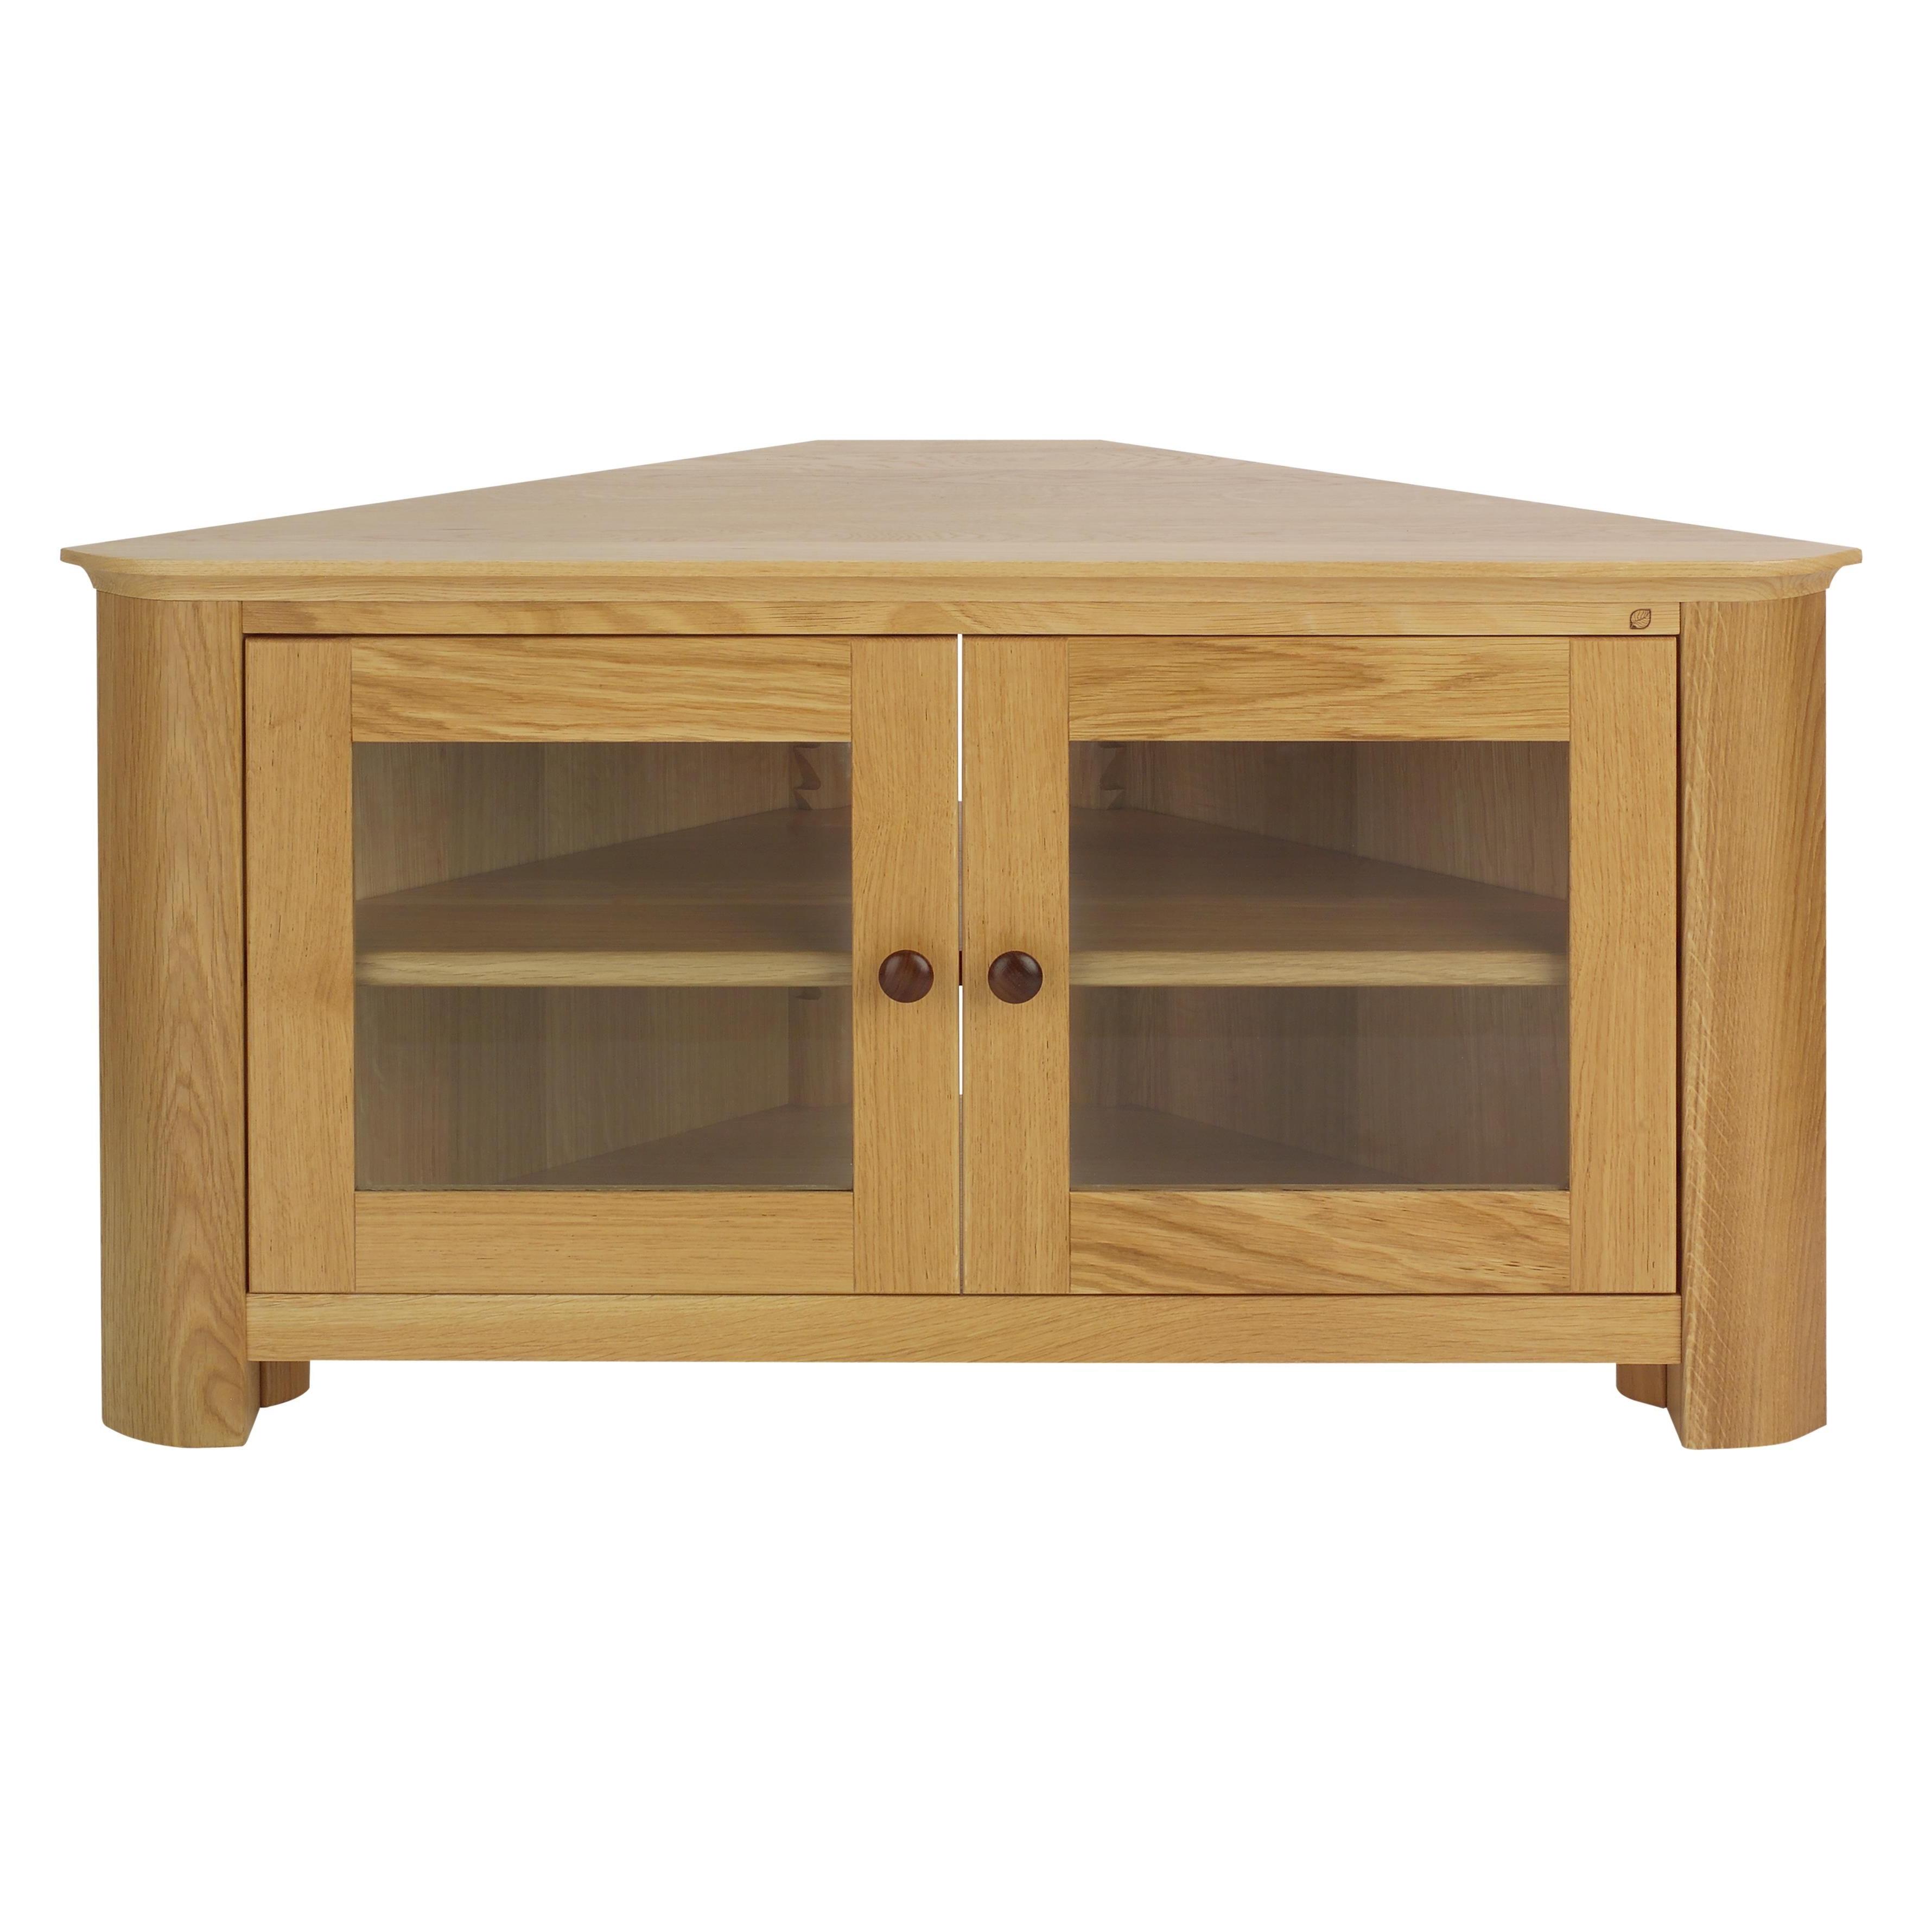 Corner Tv Cabinet With Glass Doors (Gallery 1 of 20)